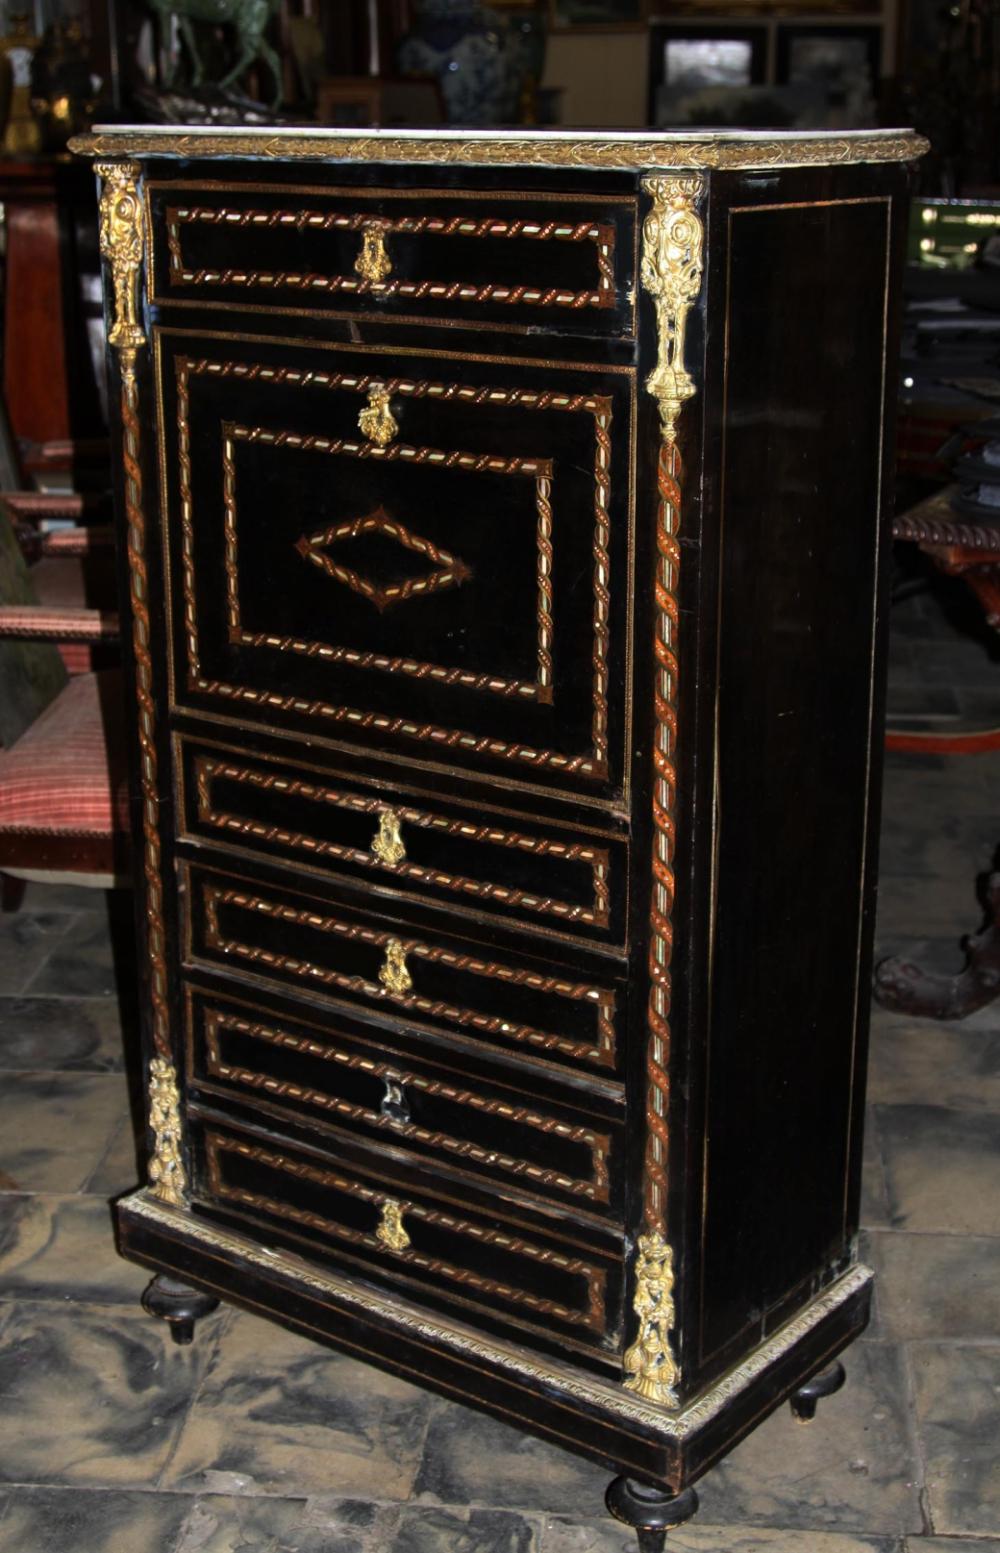 Секретер декорированный латунью, перламутром и золочённой бронзой